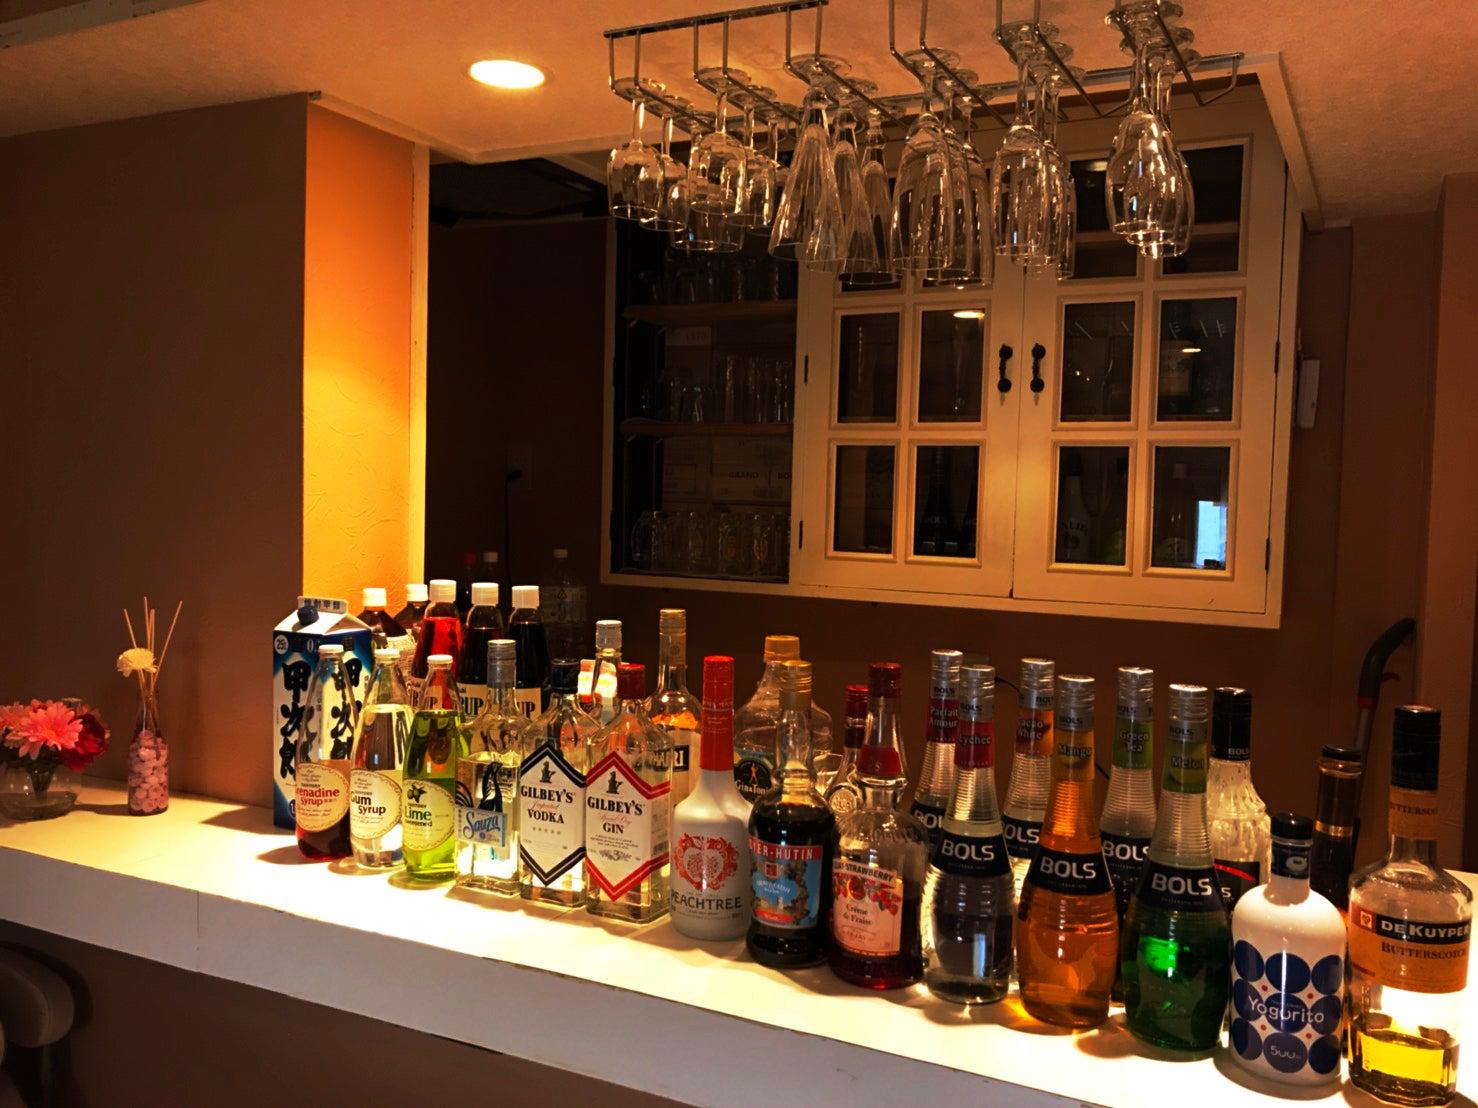 カウンターは対面式。バー営業している設備をそのまま使うことができます。※お酒や飲み物は通常プランでは付属しません。